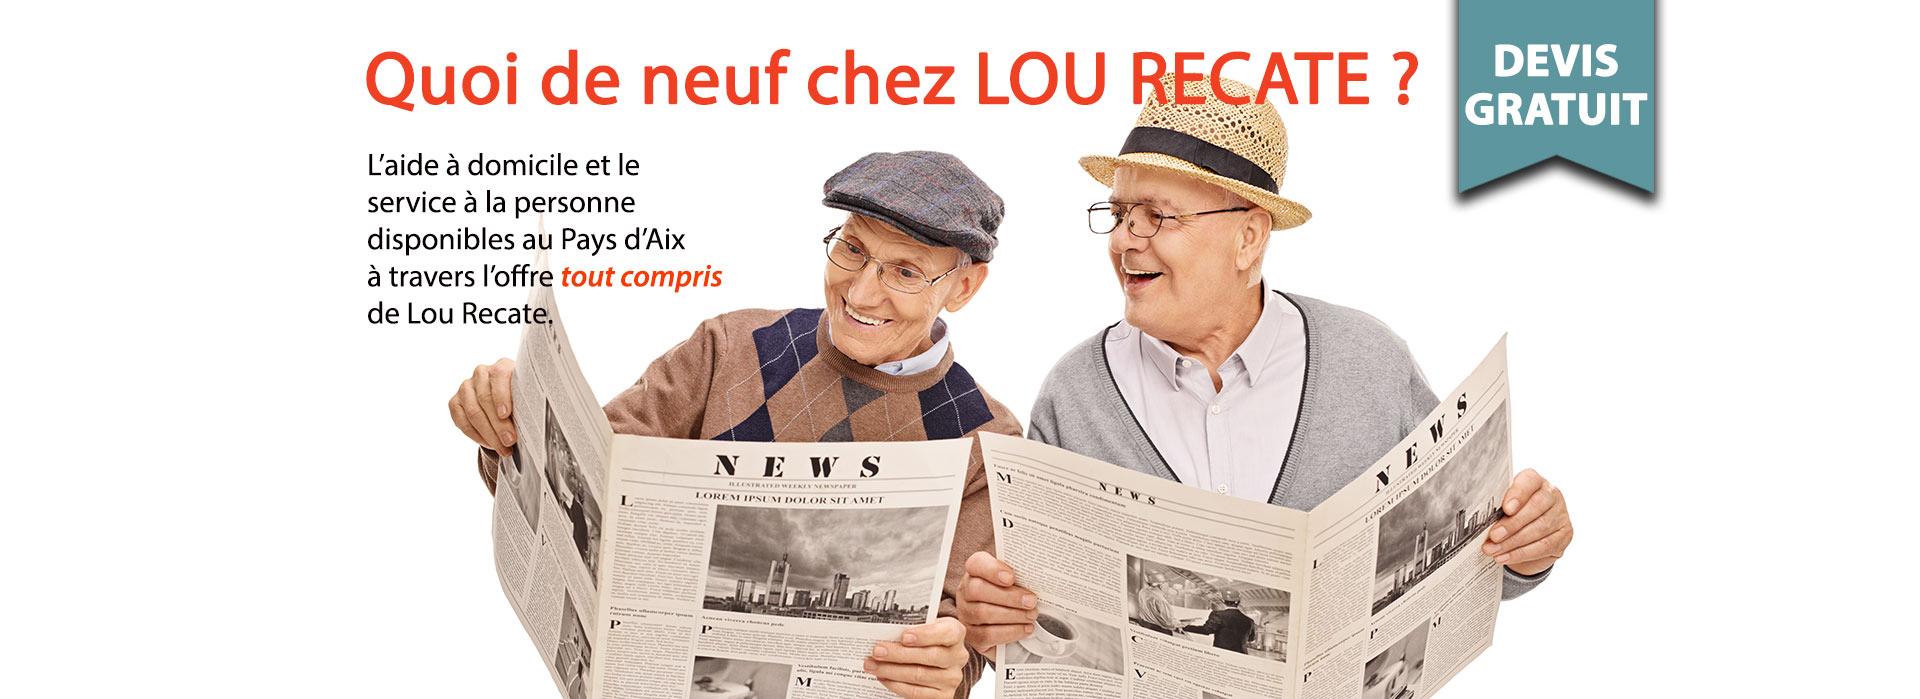 Devis gratuit sans engagement sur une prestation de service à la personne Lou recate en Pays d'Aix.